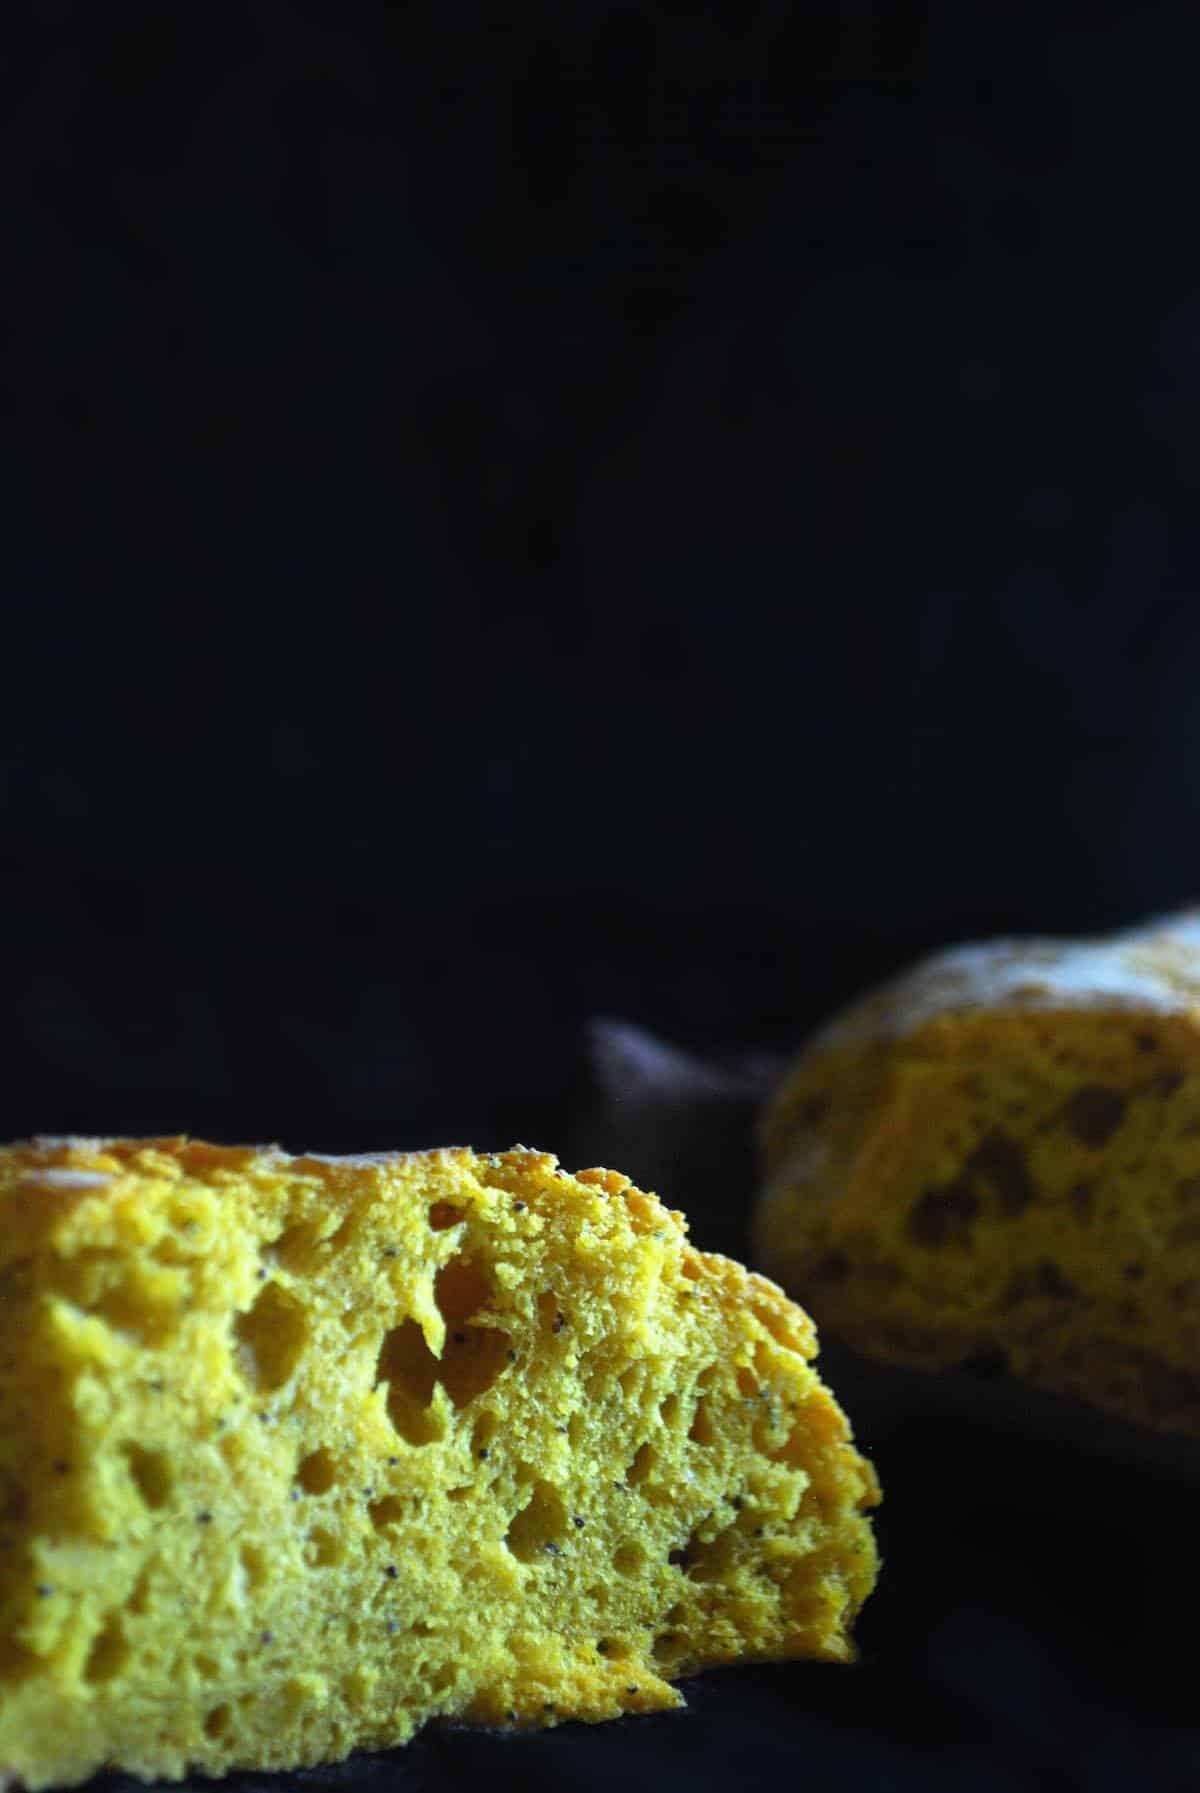 ψωμί με κουρκουμά και παπαρουνόσπορο, χωρίς ζύμωμα